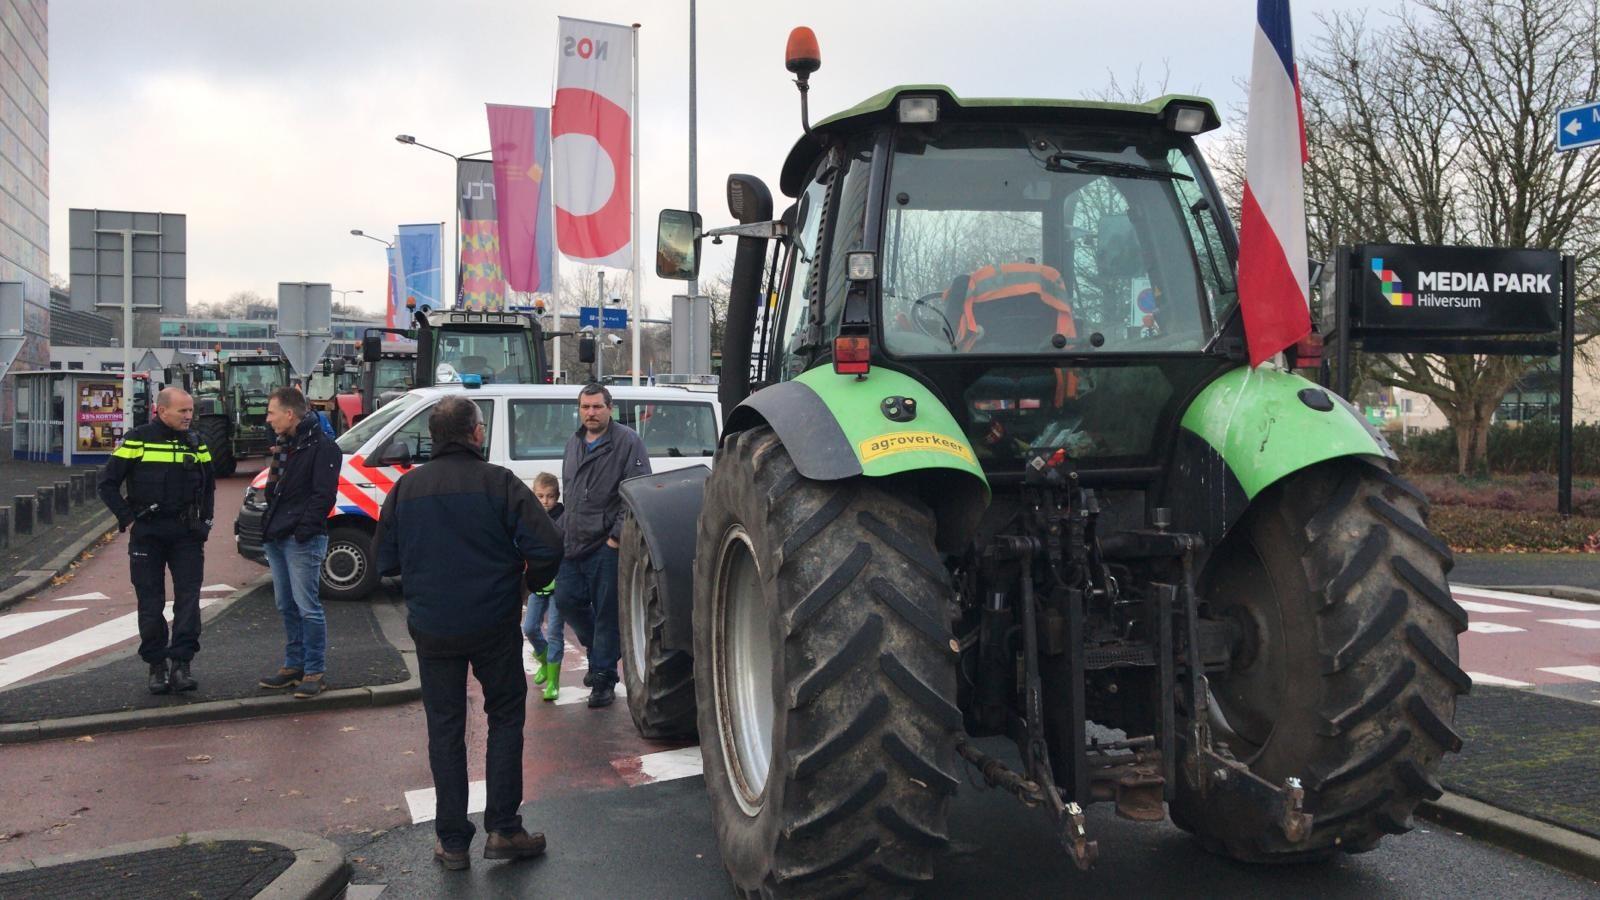 """Boze boeren na protest op Mediapark: """"We pikken het niet meer"""""""